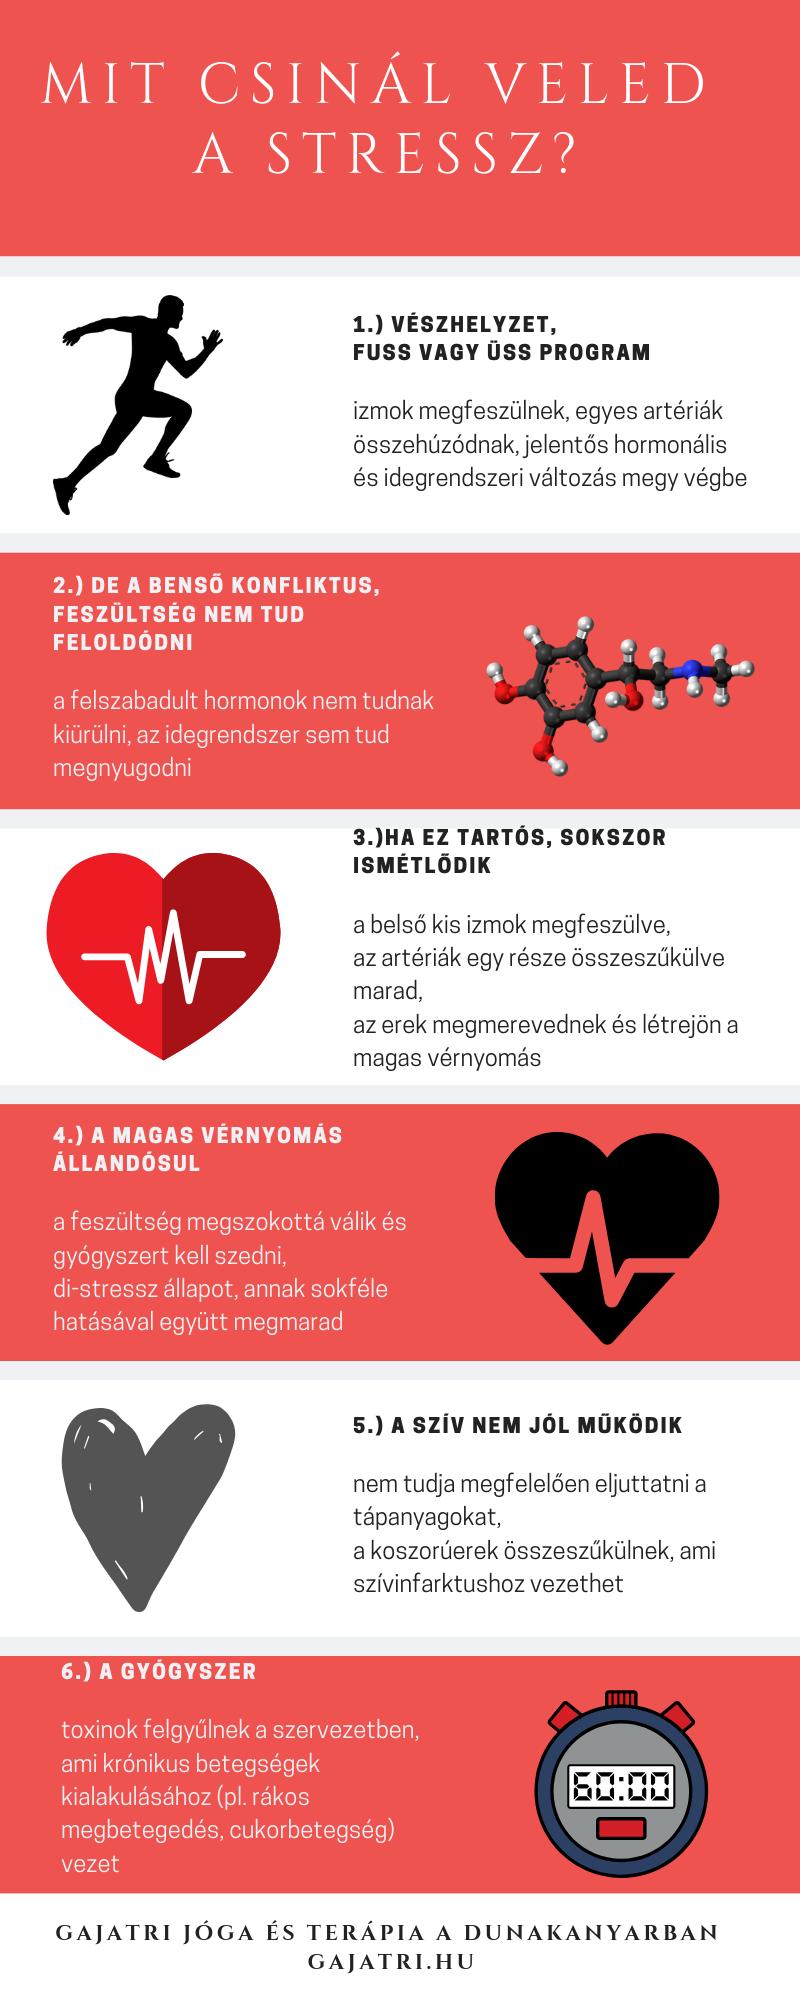 magas vérnyomás belső betegségek